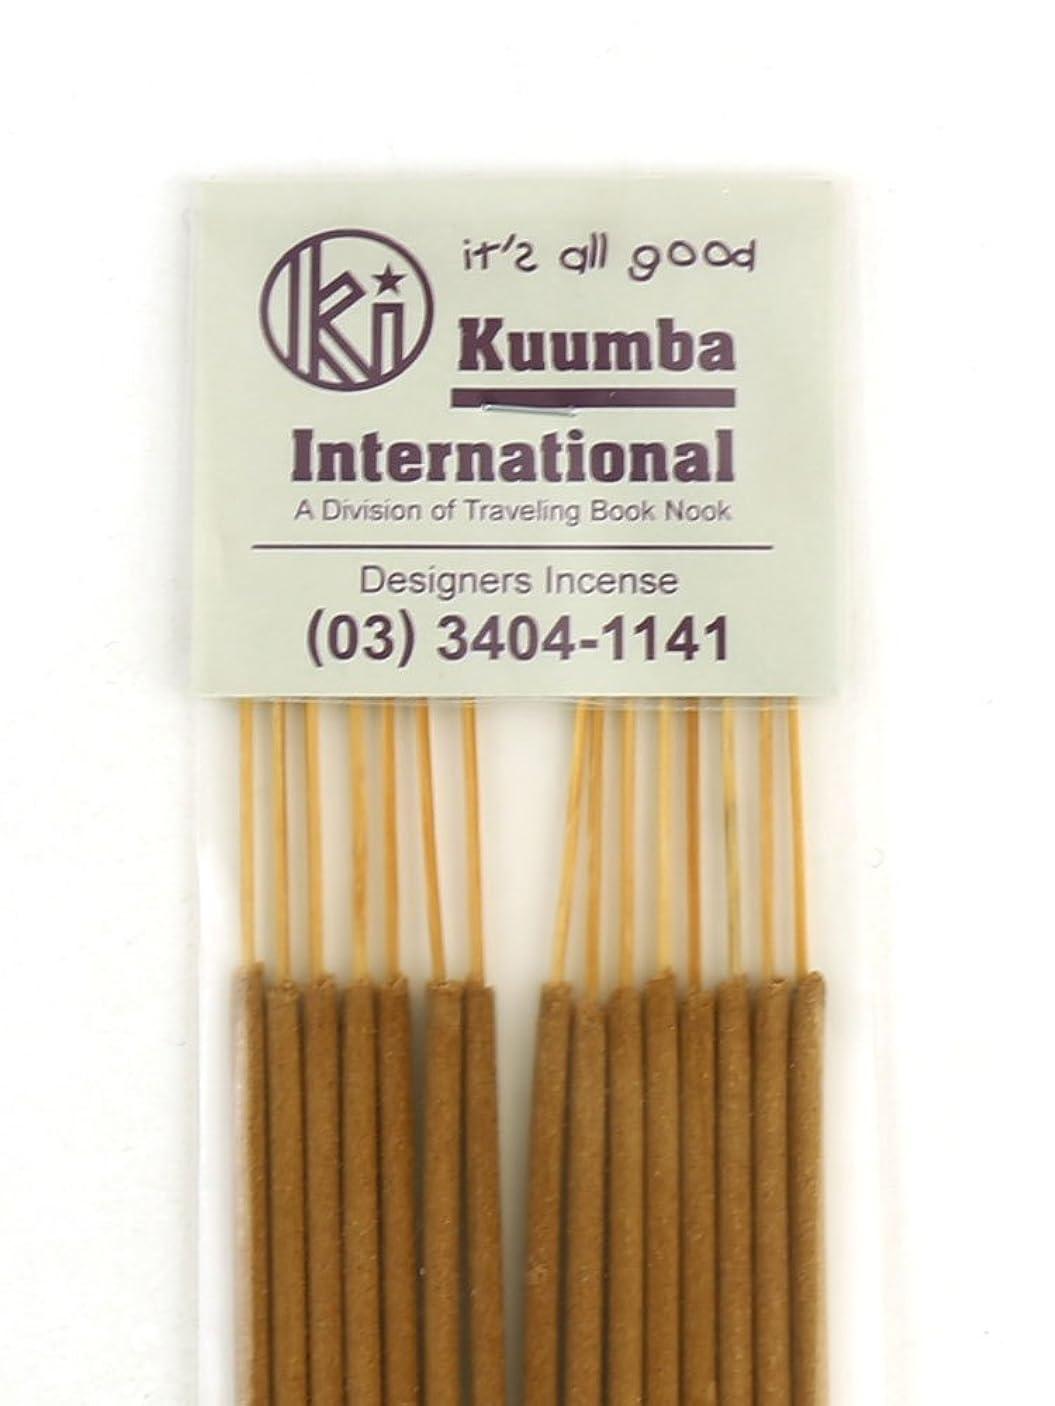 小康ネクタイ機転(クンバ) Kuumbaスティックインセンスお香レギュラーサイズB(15本入り)RG-INCENSE?358 F(フリー) ITS(ITS ALL GOO